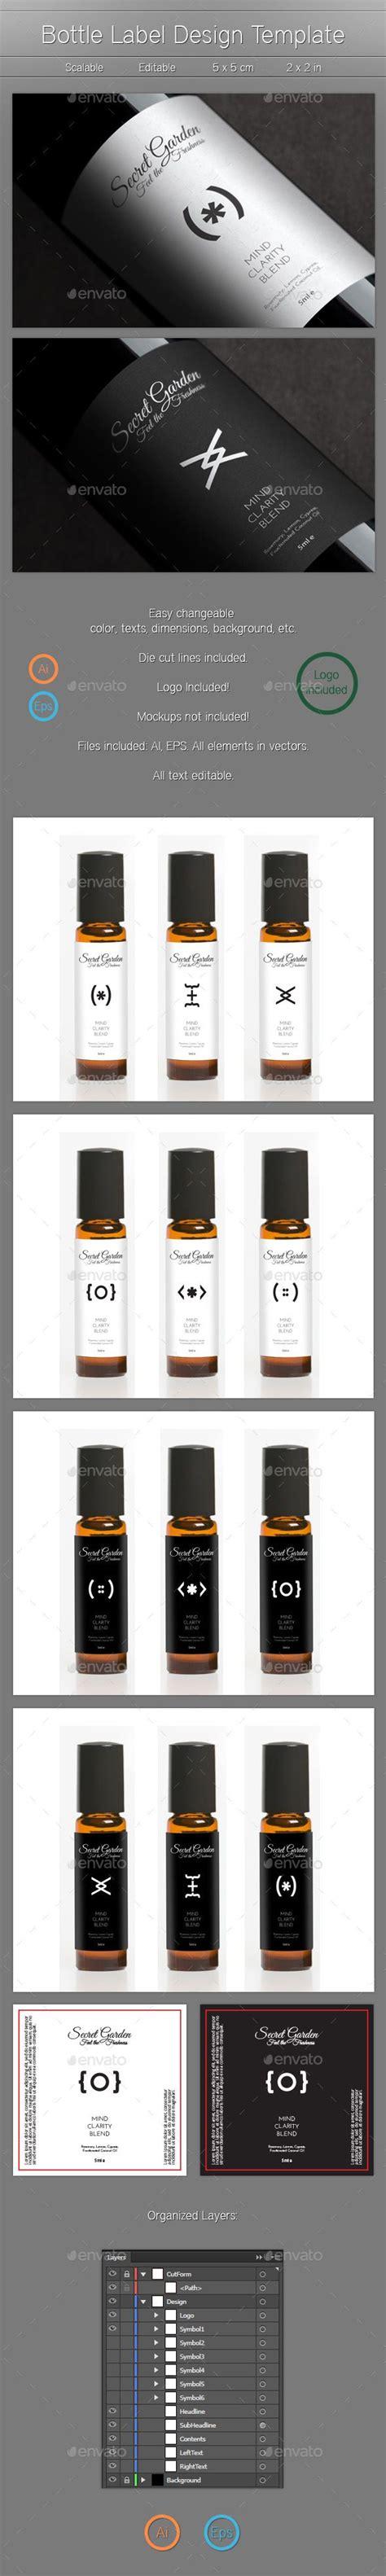 bottle label design templates bottle label design print templates label design and